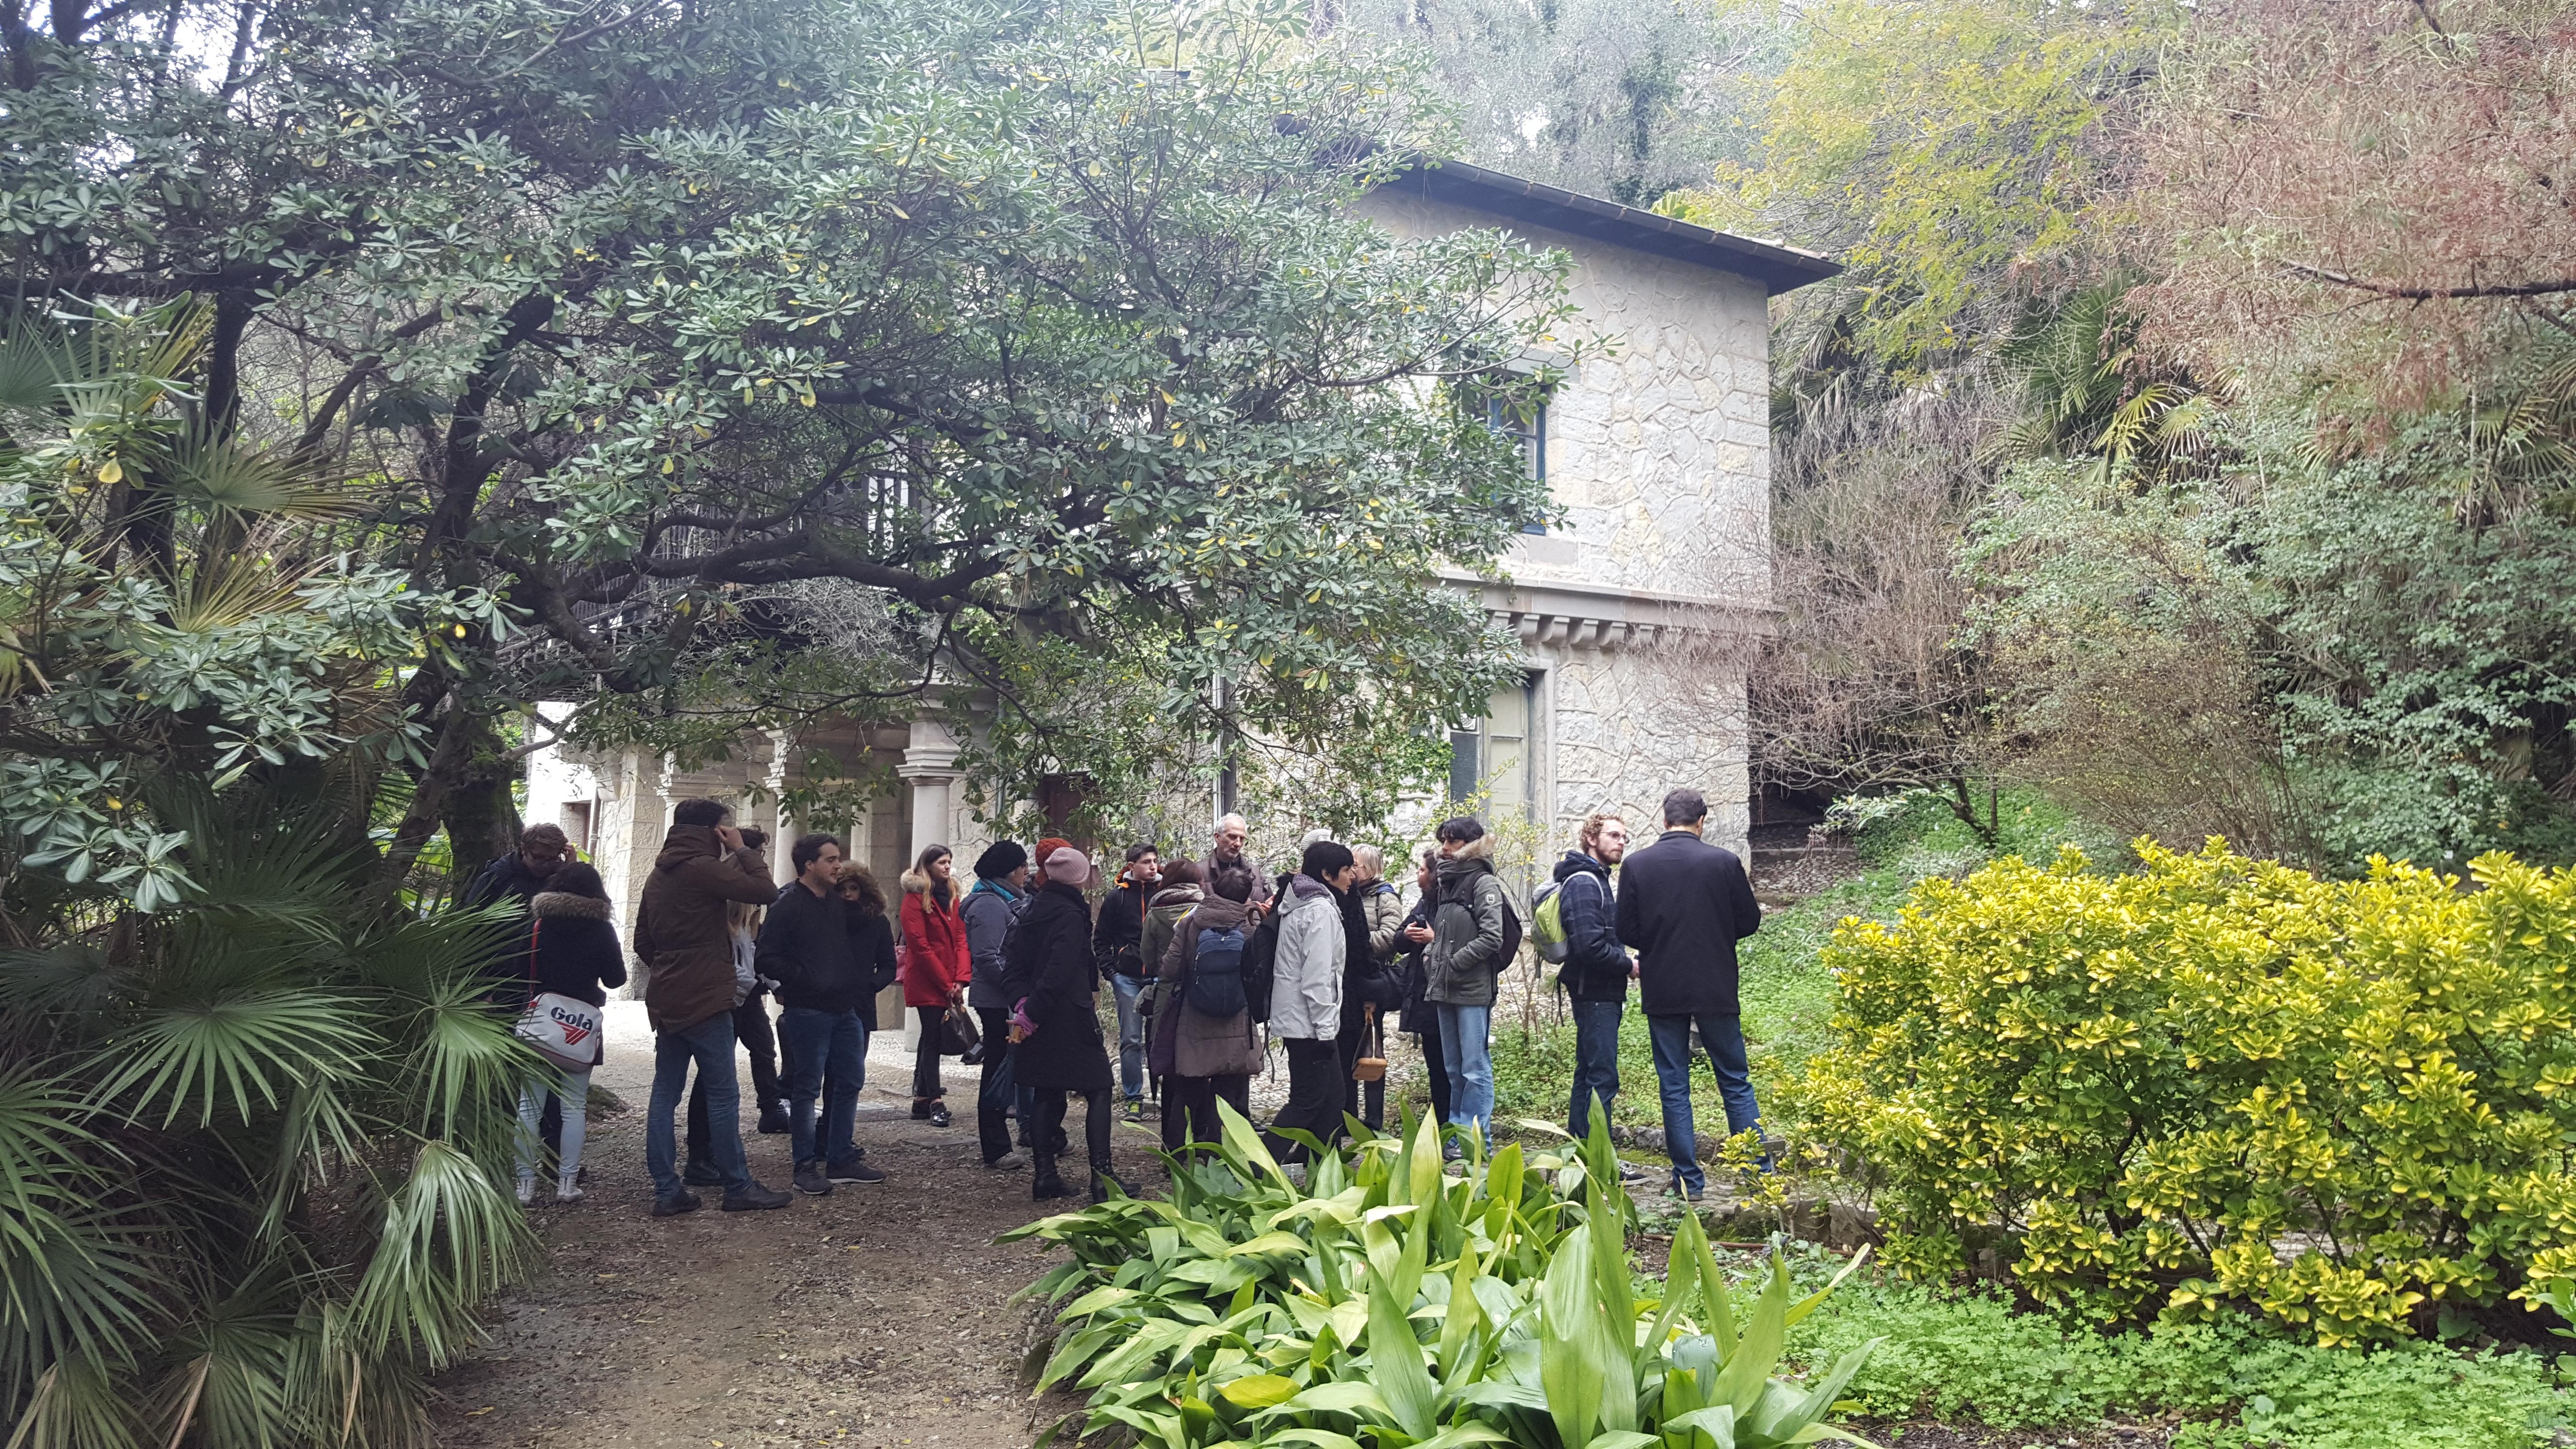 Partecipanti al seminario presso Jardin Botaniq...